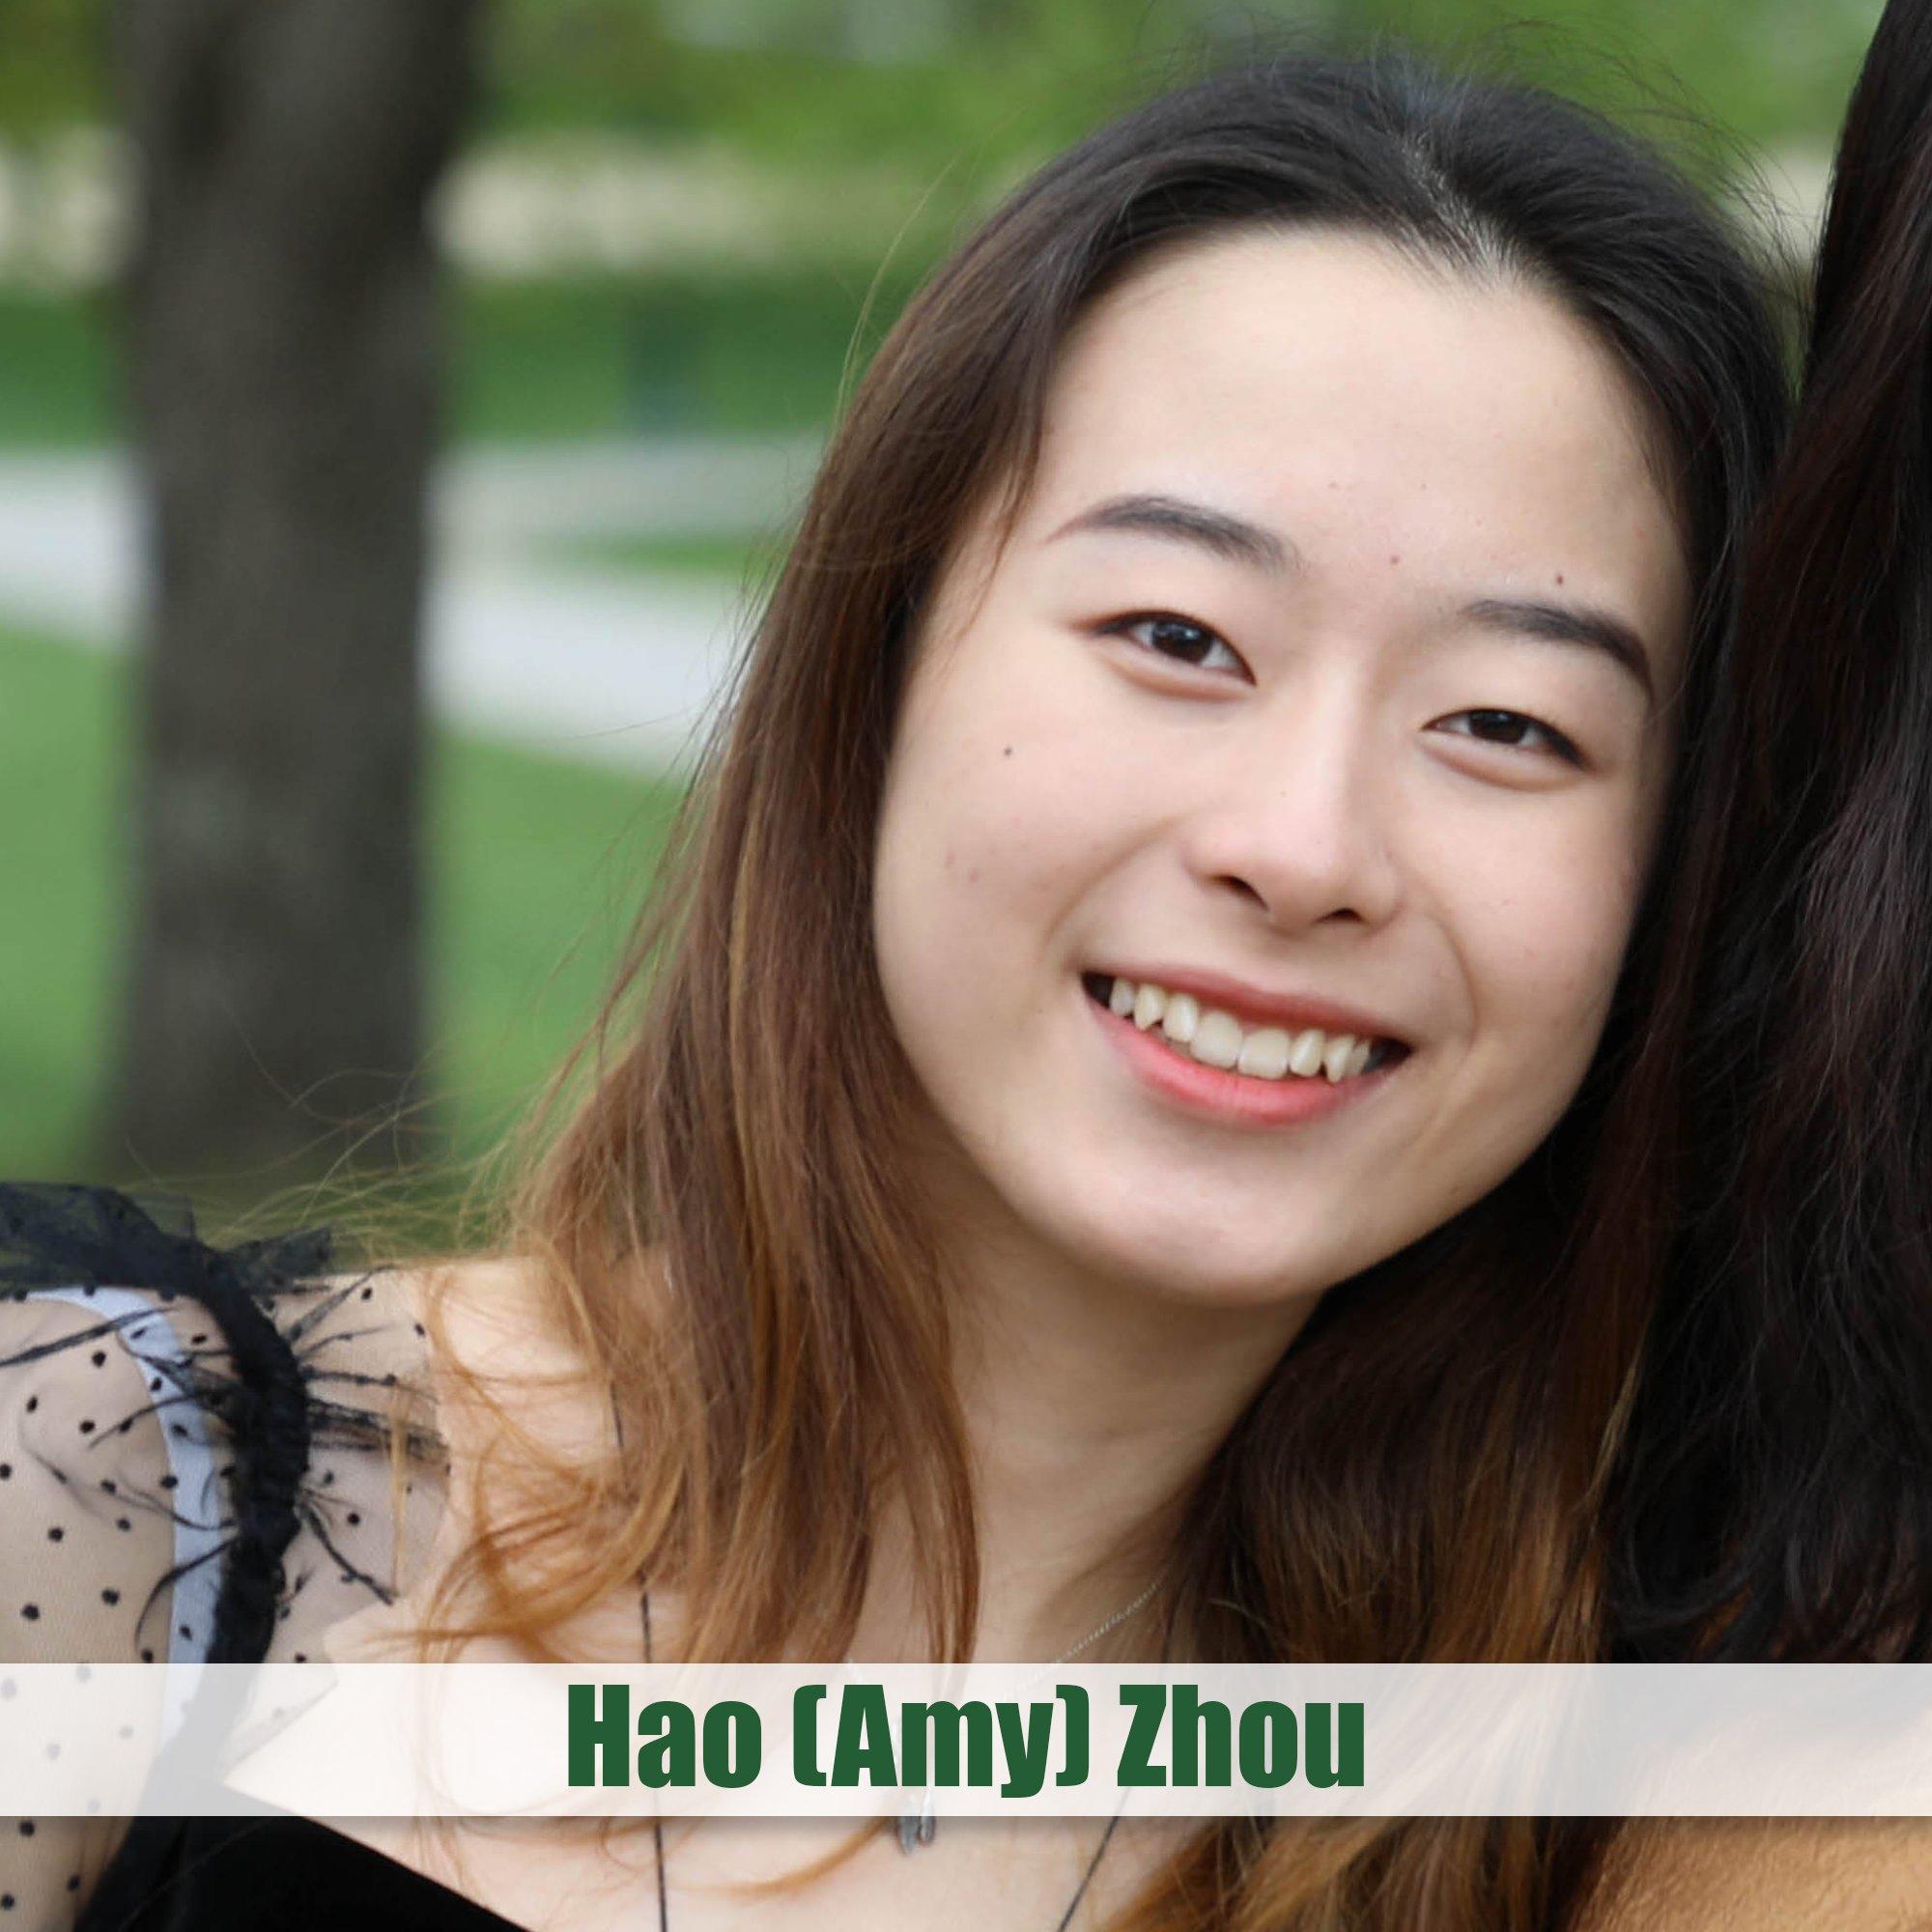 Charles Levy Award (Valedictorian) - Hao Amy Zhou